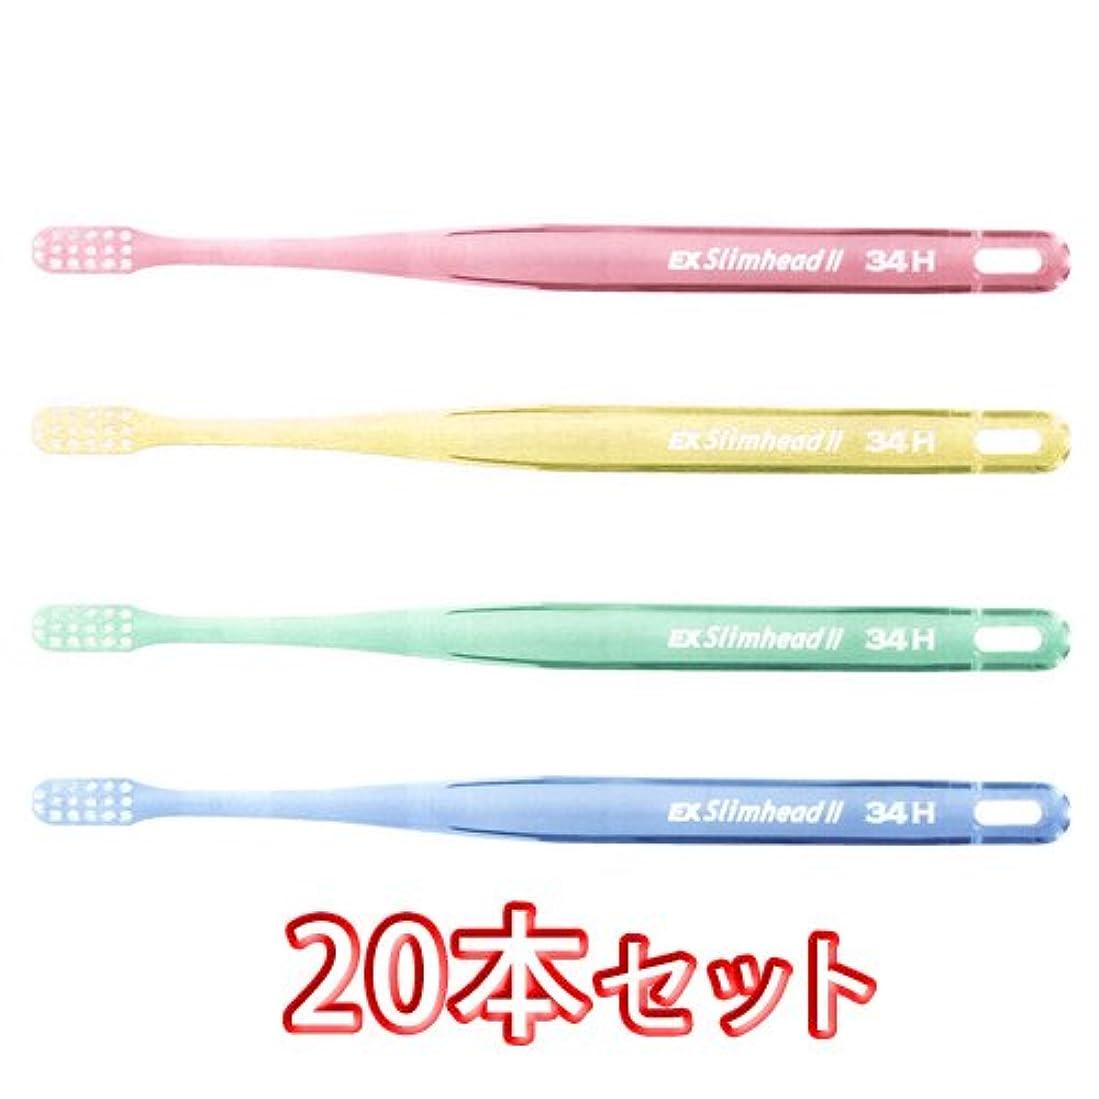 免疫するヒューマニスティック有効化ライオン スリムヘッド2 歯ブラシ DENT . EX Slimhead2 20本入 (34H)